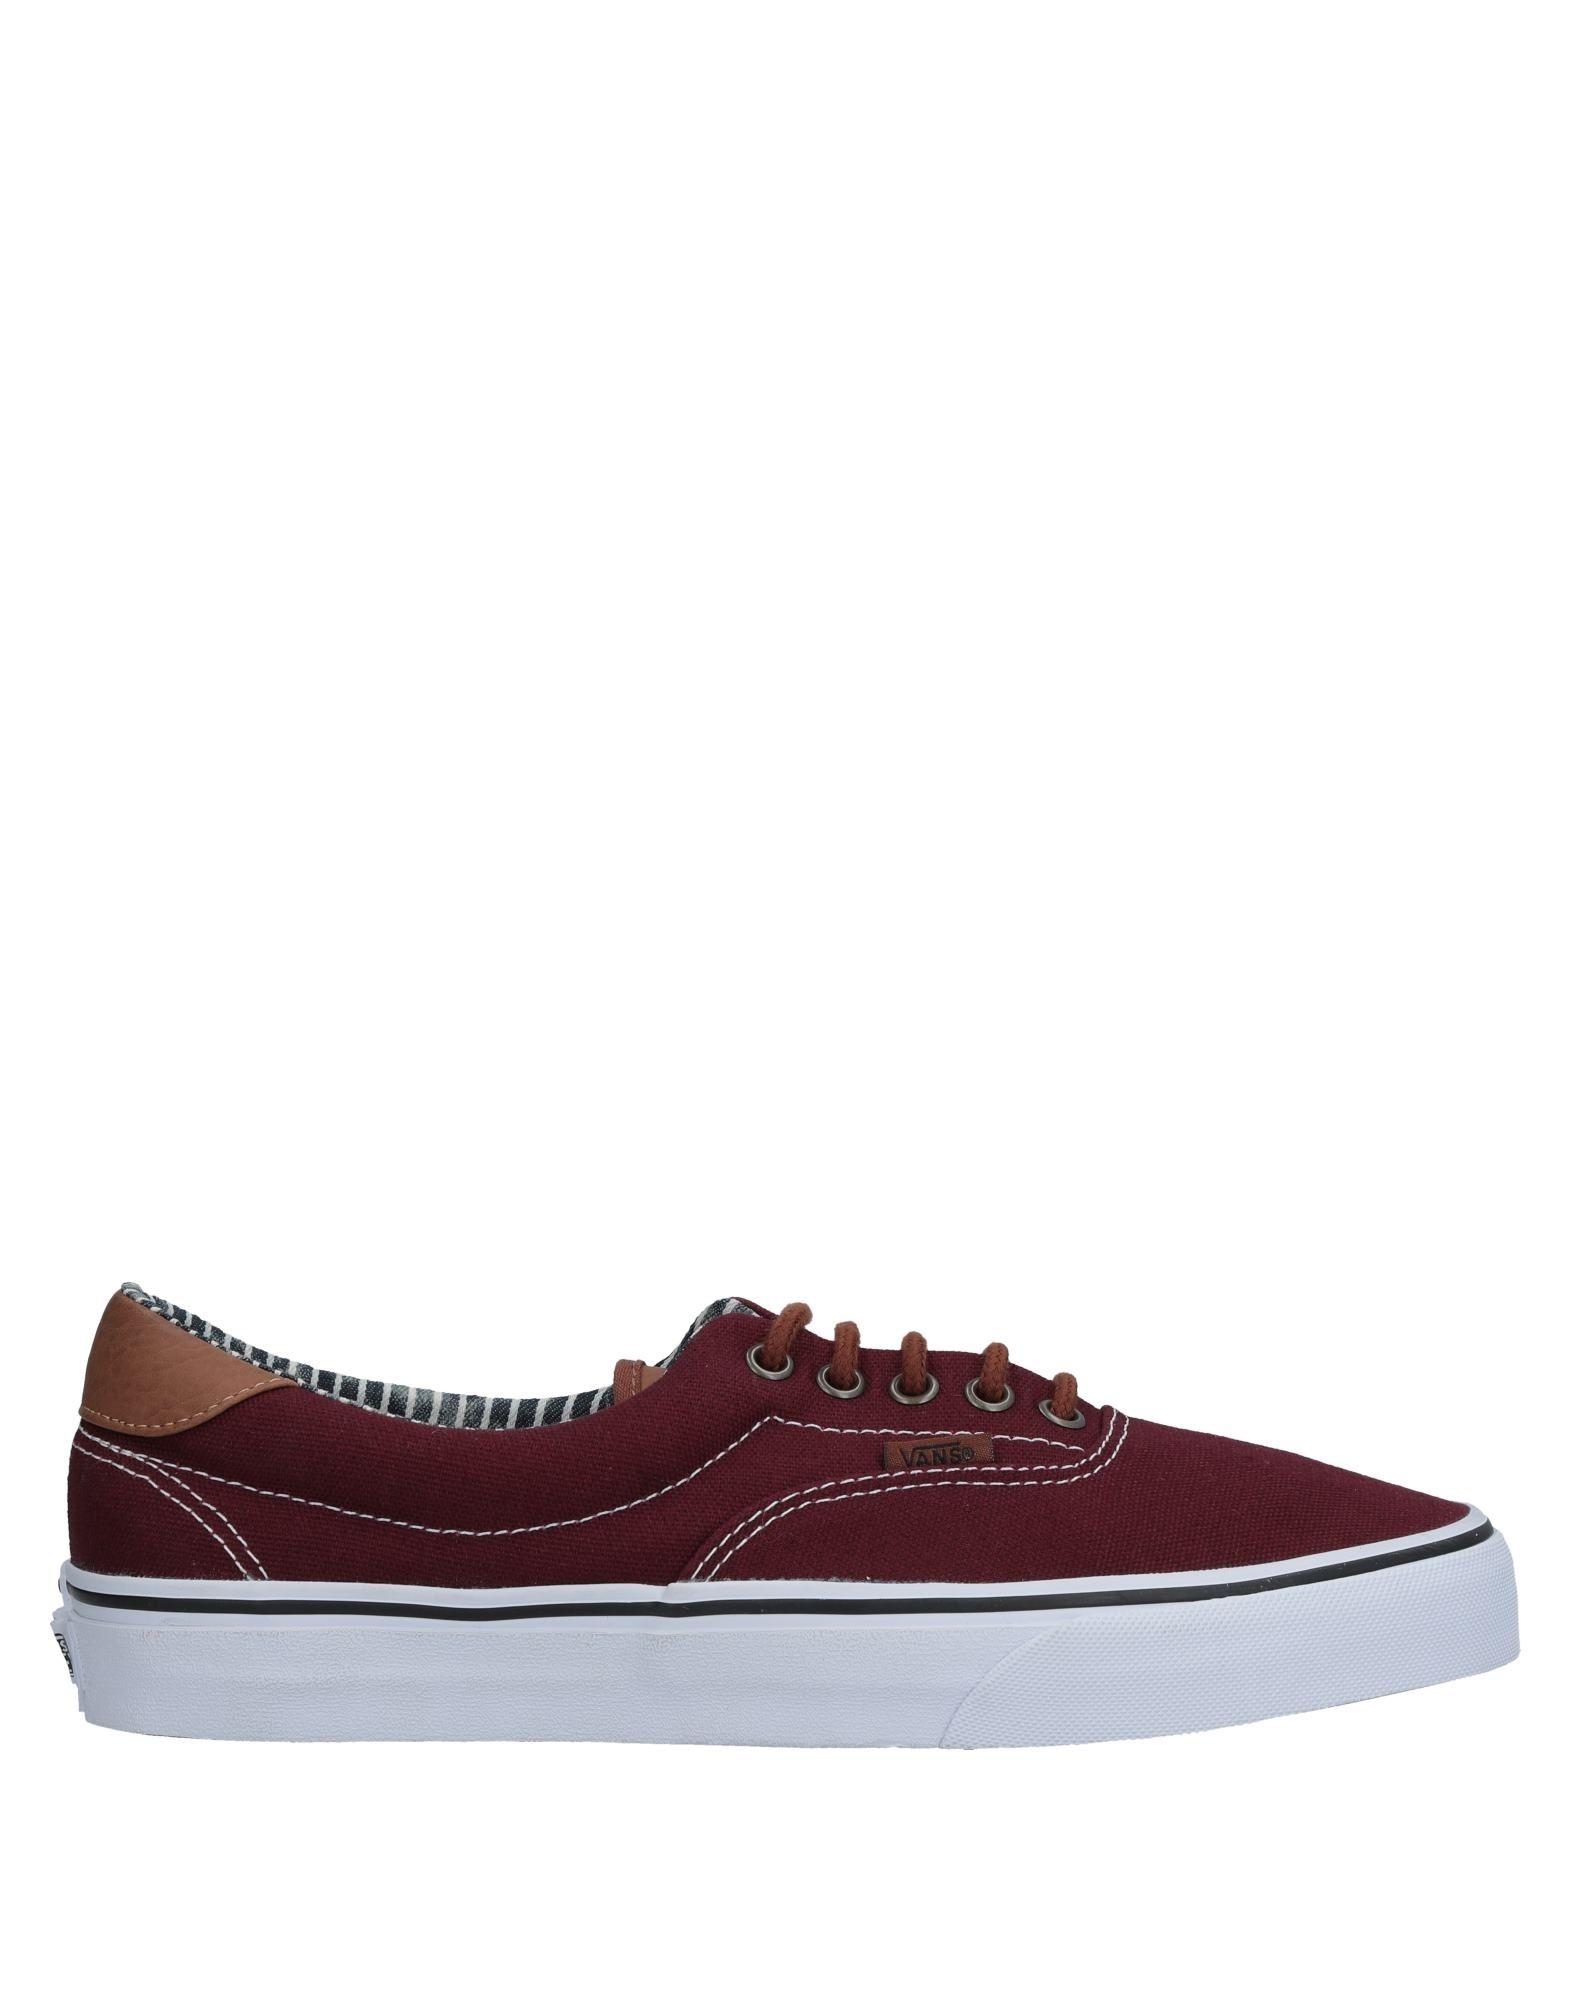 Rabatt Herren echte Schuhe Vans Sneakers Herren Rabatt  11524186EB 5d3759